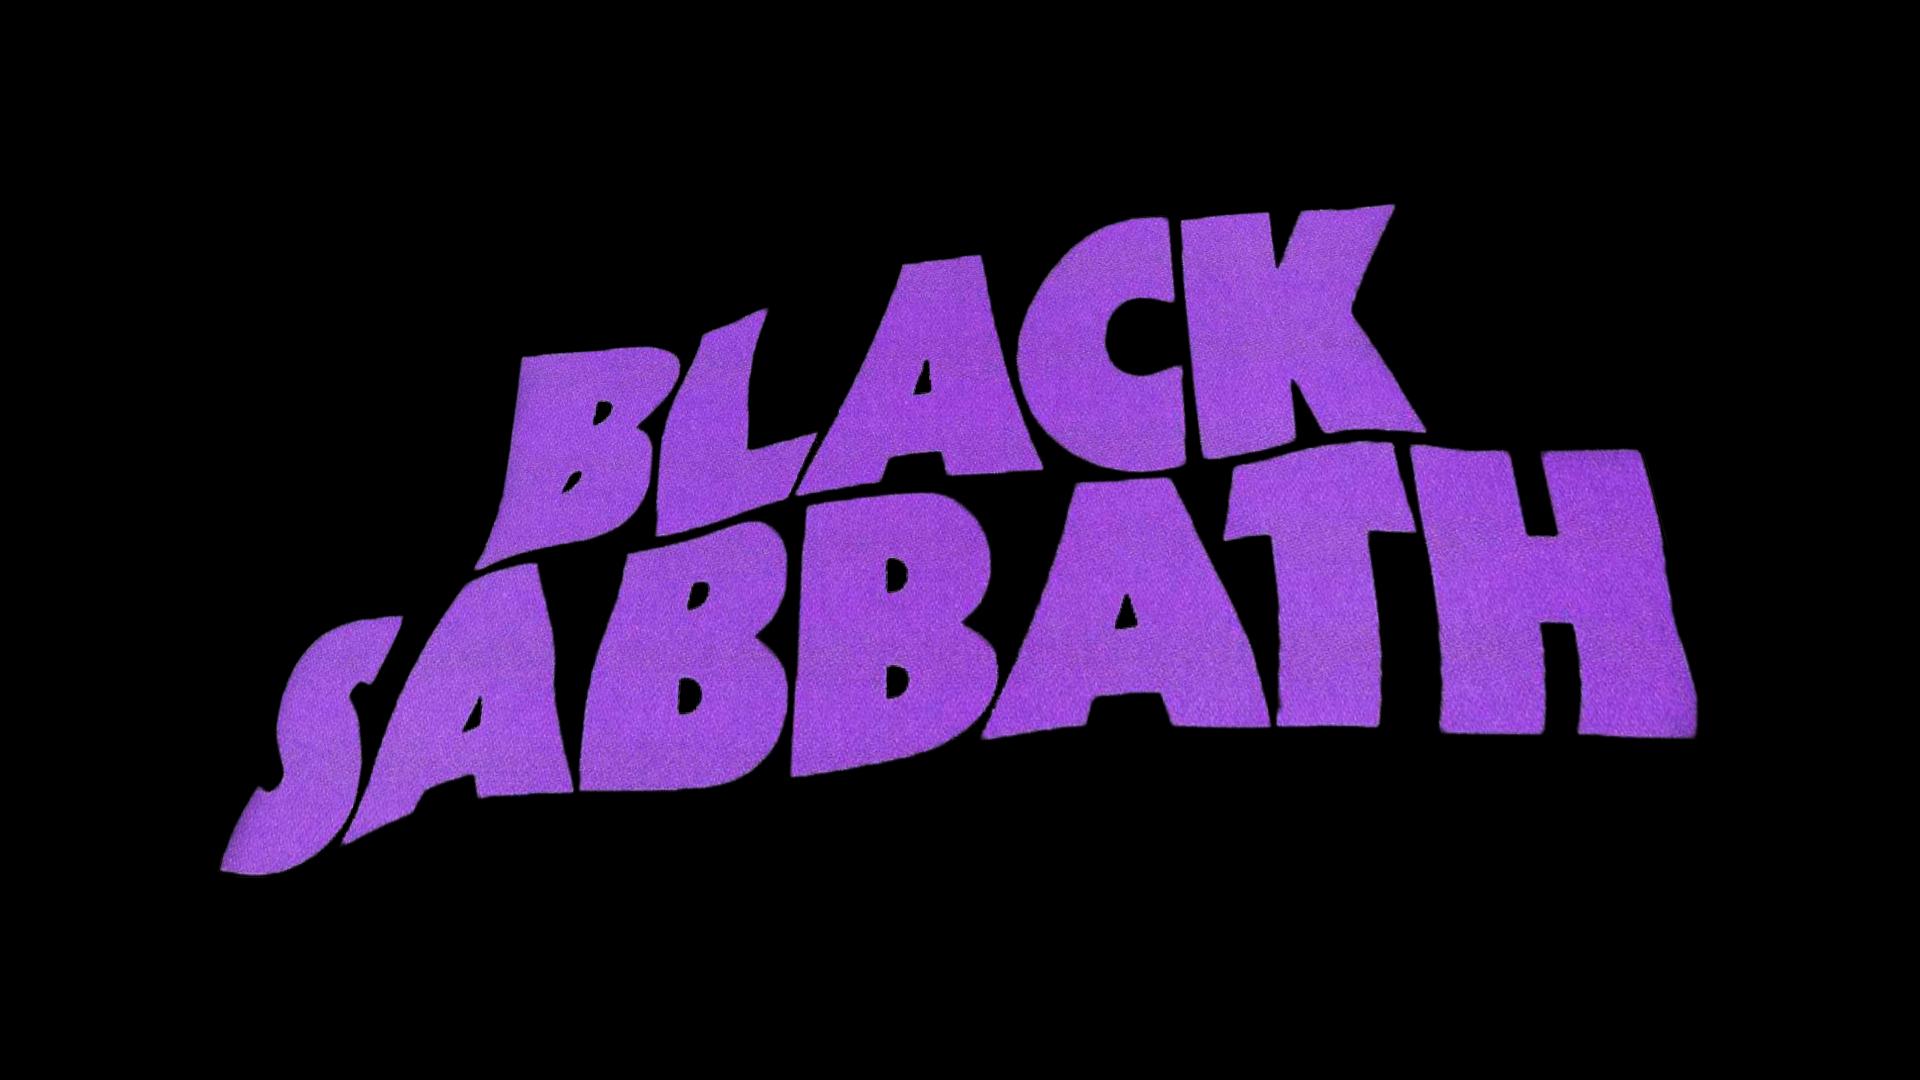 httpsorig00 deviantart netf2b1f201505366black sabbath logo big by darrendisaster d8j35n0